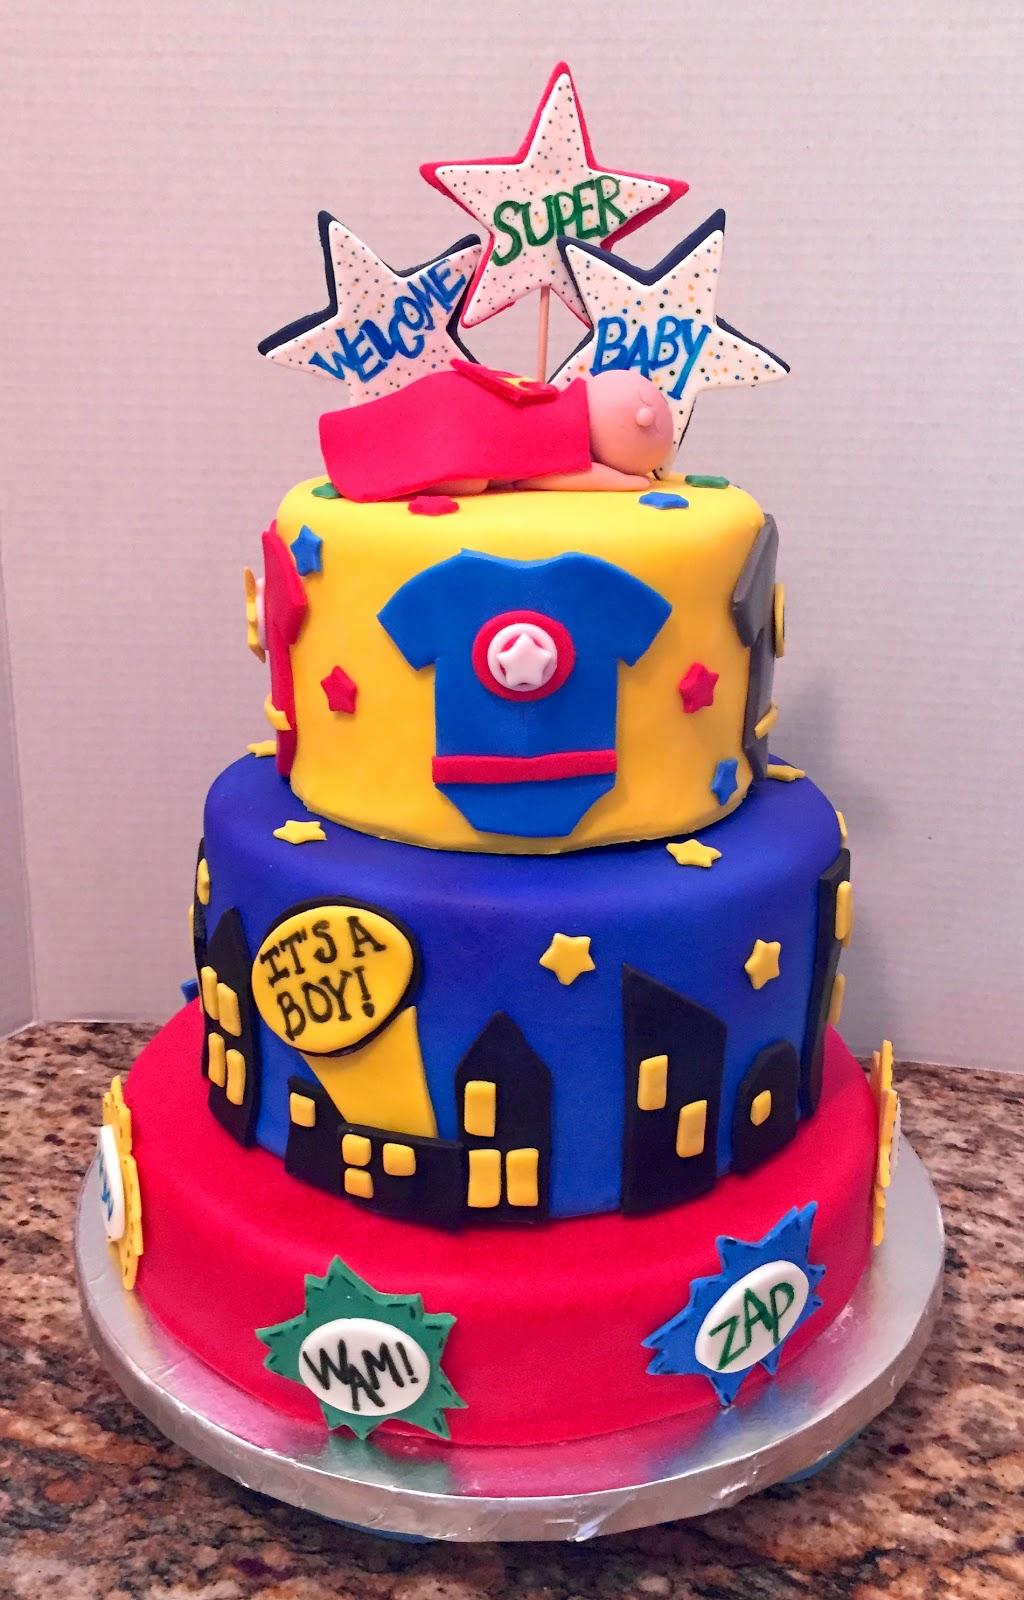 superhero baby shower cakes